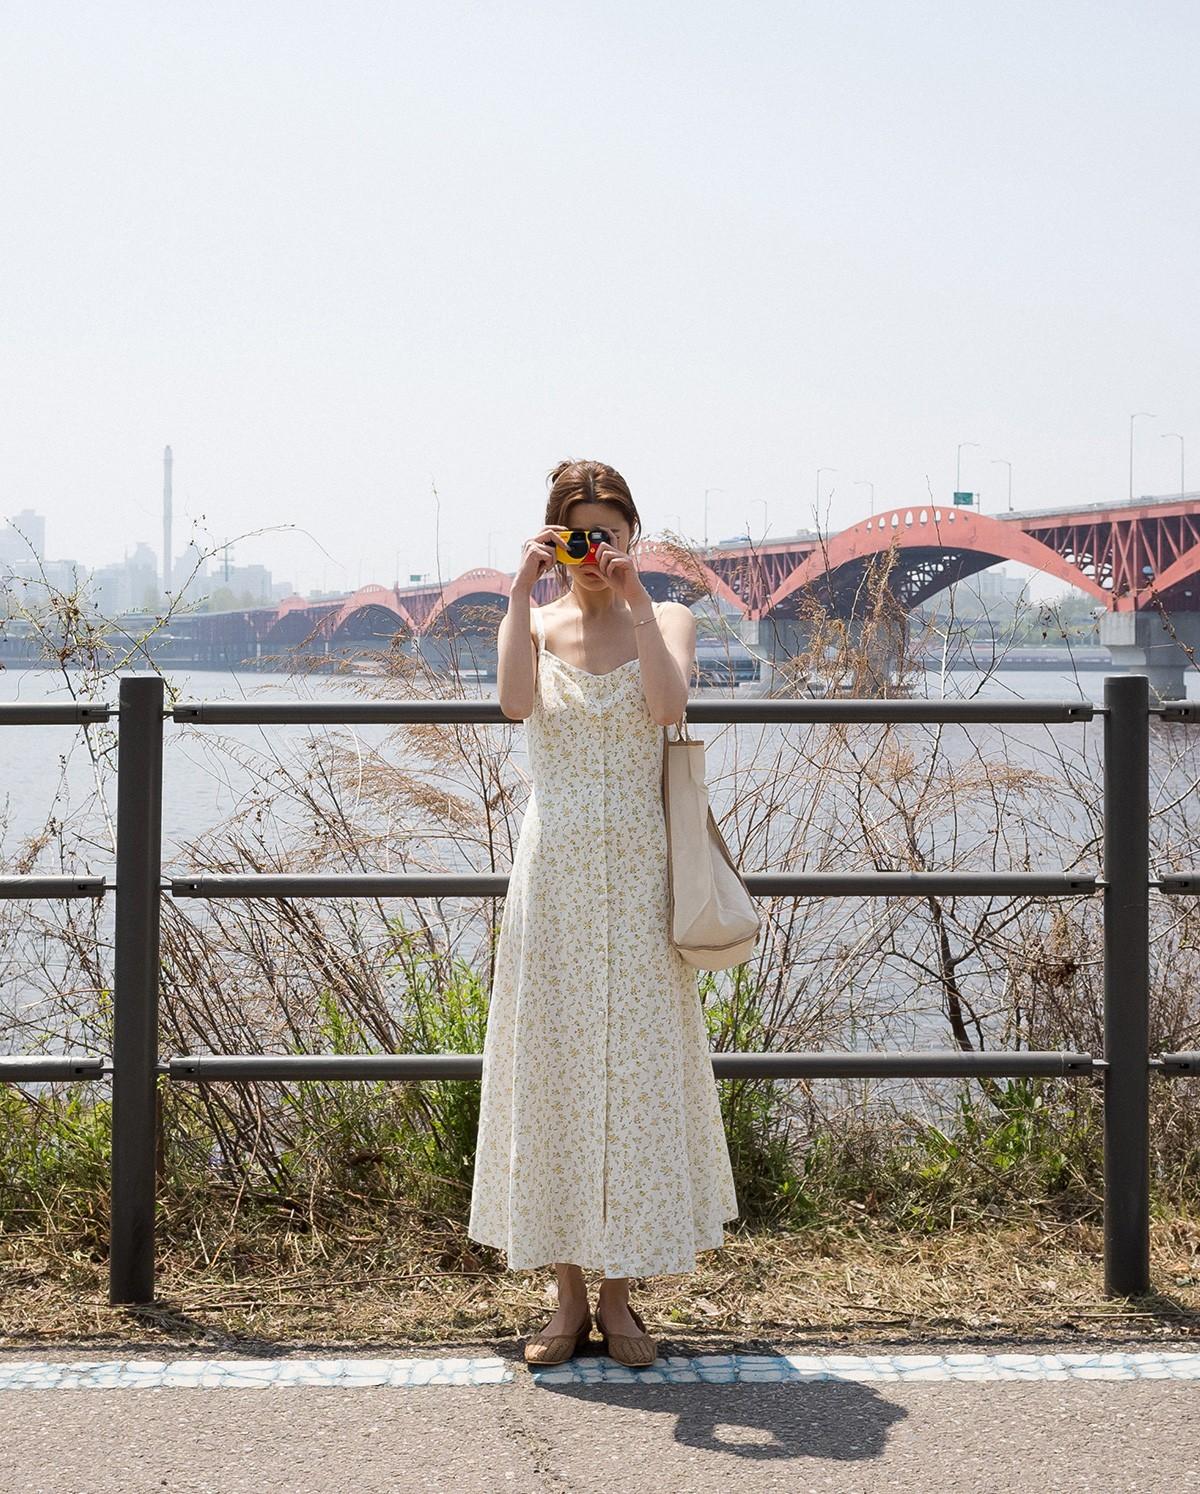 Váy hoa - item phủ sóng dày đặc mỗi mùa hè và 3 kiểu xinh đến nỗi bạn muốn rinh về hết cho tủ đồ-9